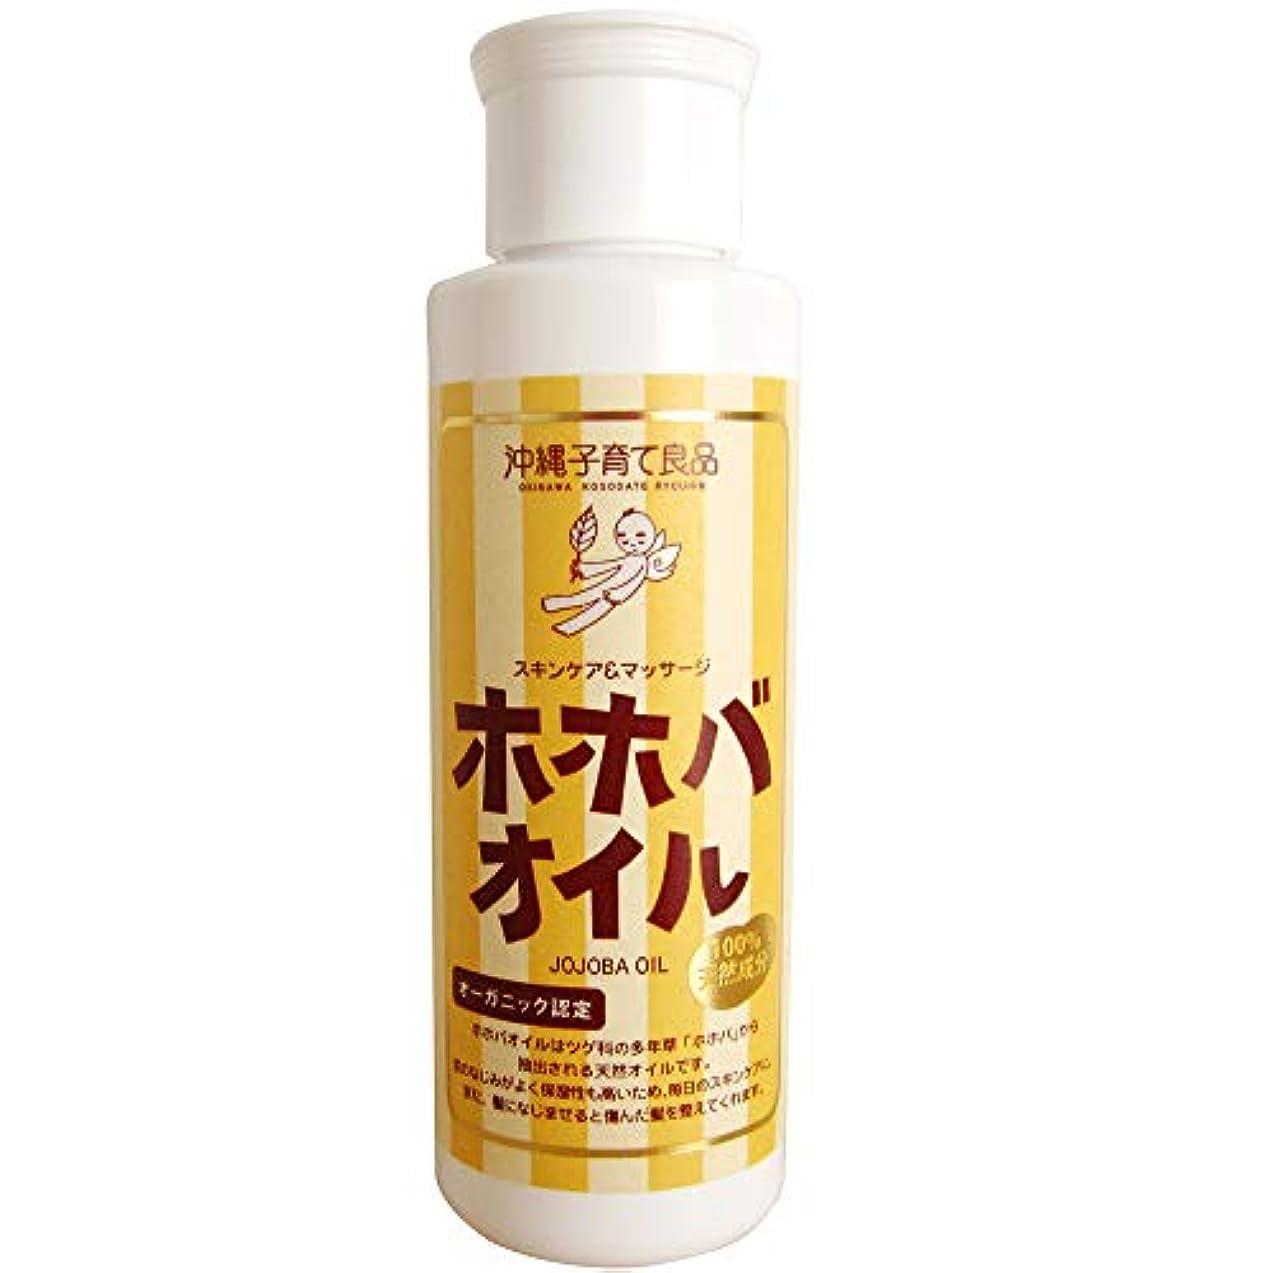 祈るワイド簡単にホホバオイル/jojoba oil (100ml)